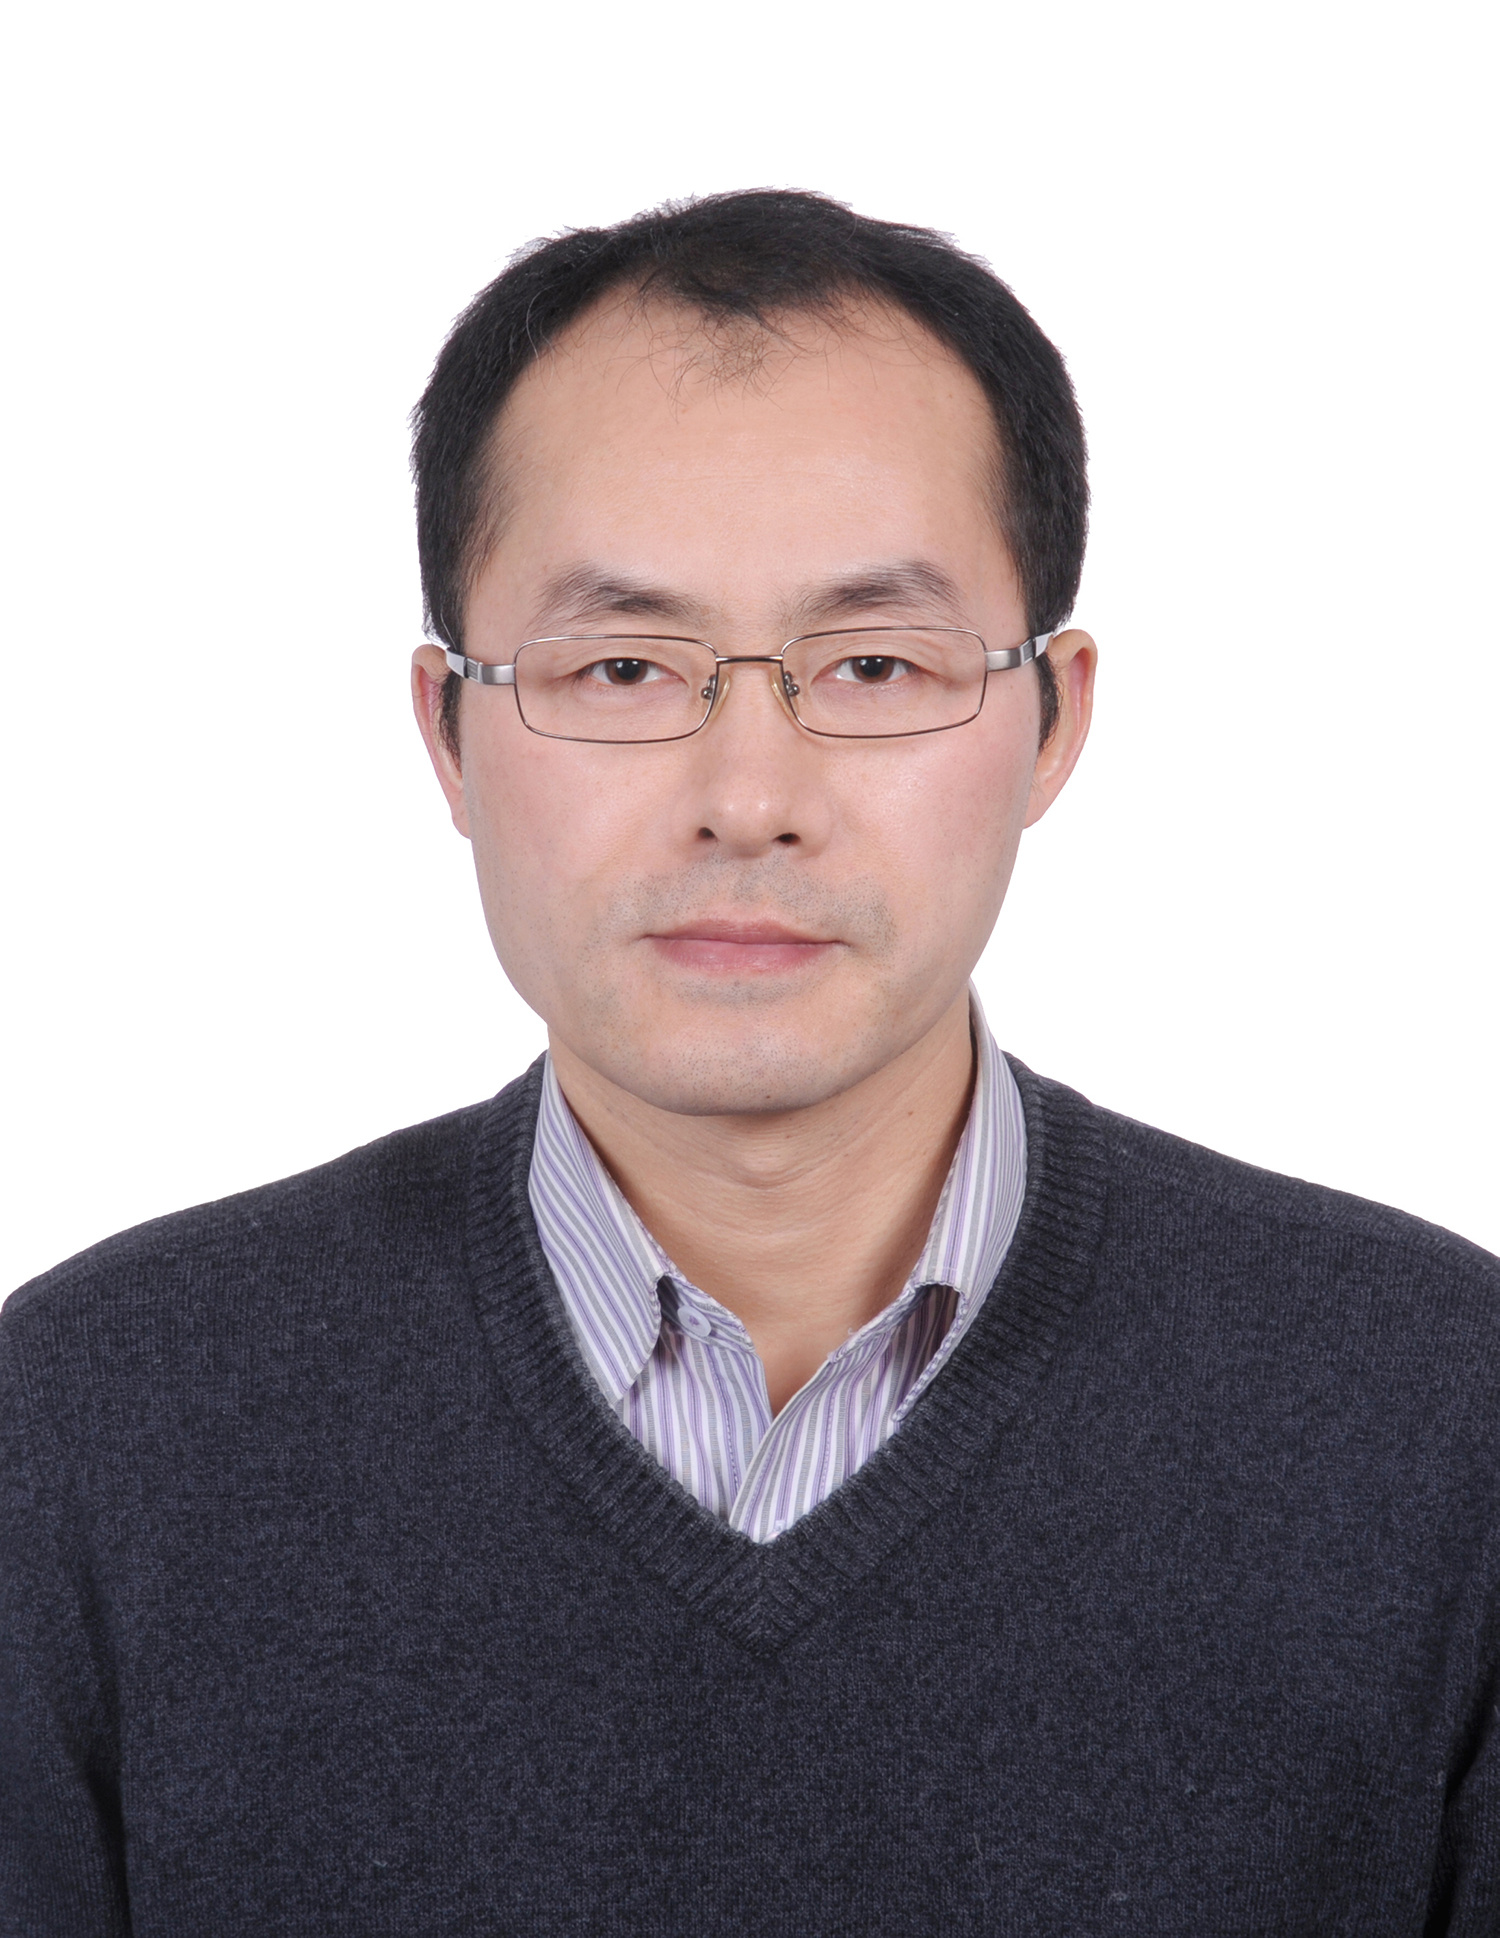 于荣,清华大学材料学院教授,博导,国家杰出青年基金获得者,北京电子显微镜中心主任。1996年获浙江大学学士学位,1999年与2002年分别获中国科学院金属研究所硕士与博士学位。先后在美国劳伦斯伯克利国家实验室、英国剑桥大学从事博士后研究工作。2008年至今任教于清华大学材料学院。主要发展和应用高分辨电子显微学在原子尺度探索材料的微观结构、电子状态及其与宏观性能的相互关联。在Phys. Rev. Lett., JACS, Angew. Chem., Acta Mater.等SCI期刊发表论文100余篇。担任中国晶体学会副理事长,电子显微学专业委员会主任;中国电子显微镜学会常务理事等学术职务,《中国科学-技术科学》、《Science China Materials》等学术期刊编委。